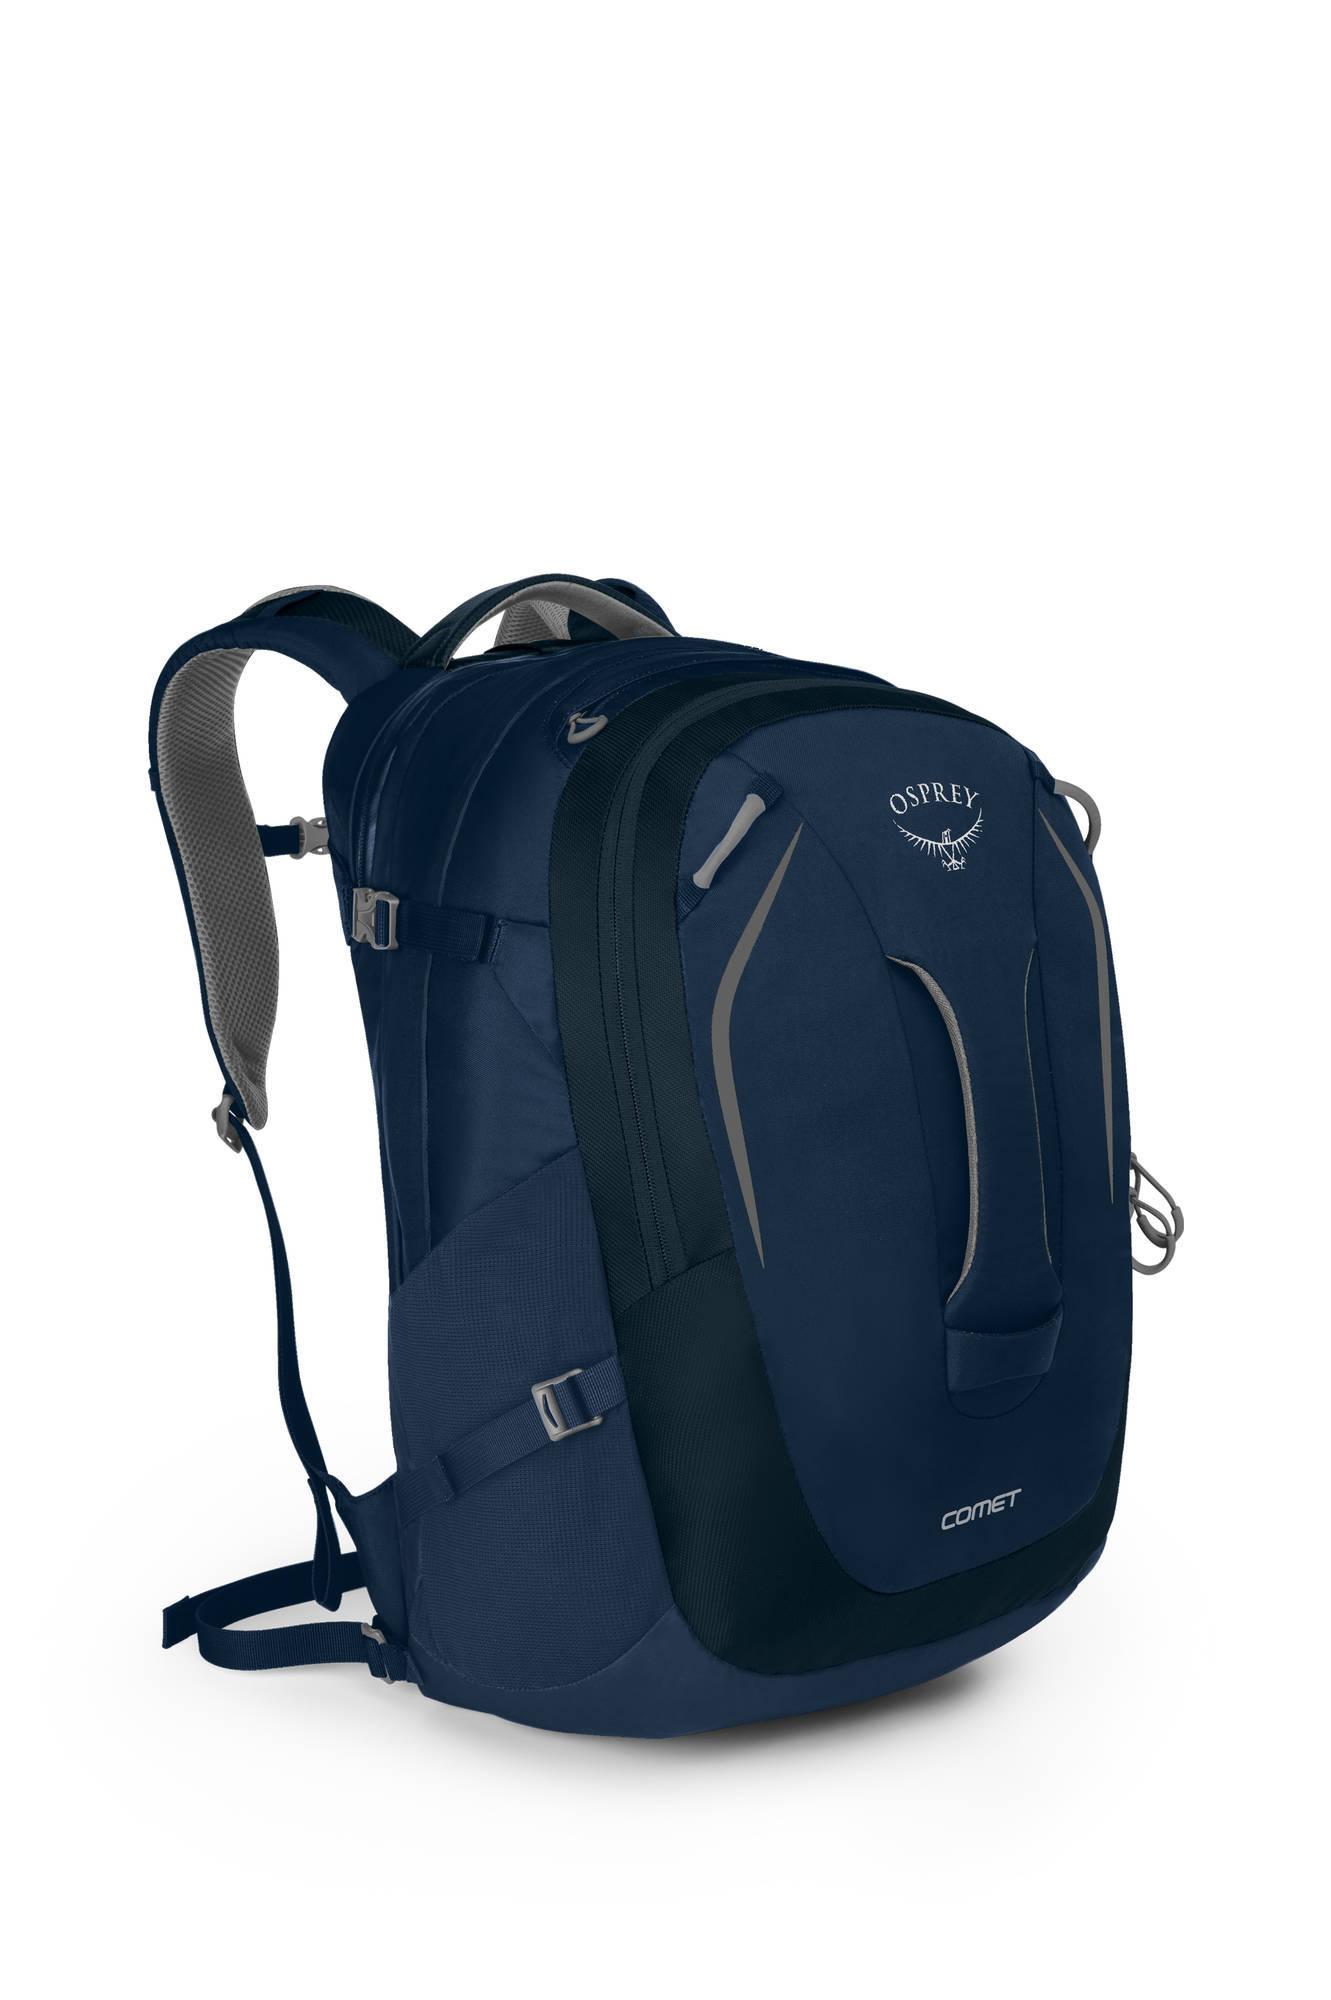 Городские рюкзаки Рюкзак Osprey Comet 30 Navy Blue Comet_30_Side_Navy_Blue_web.jpg